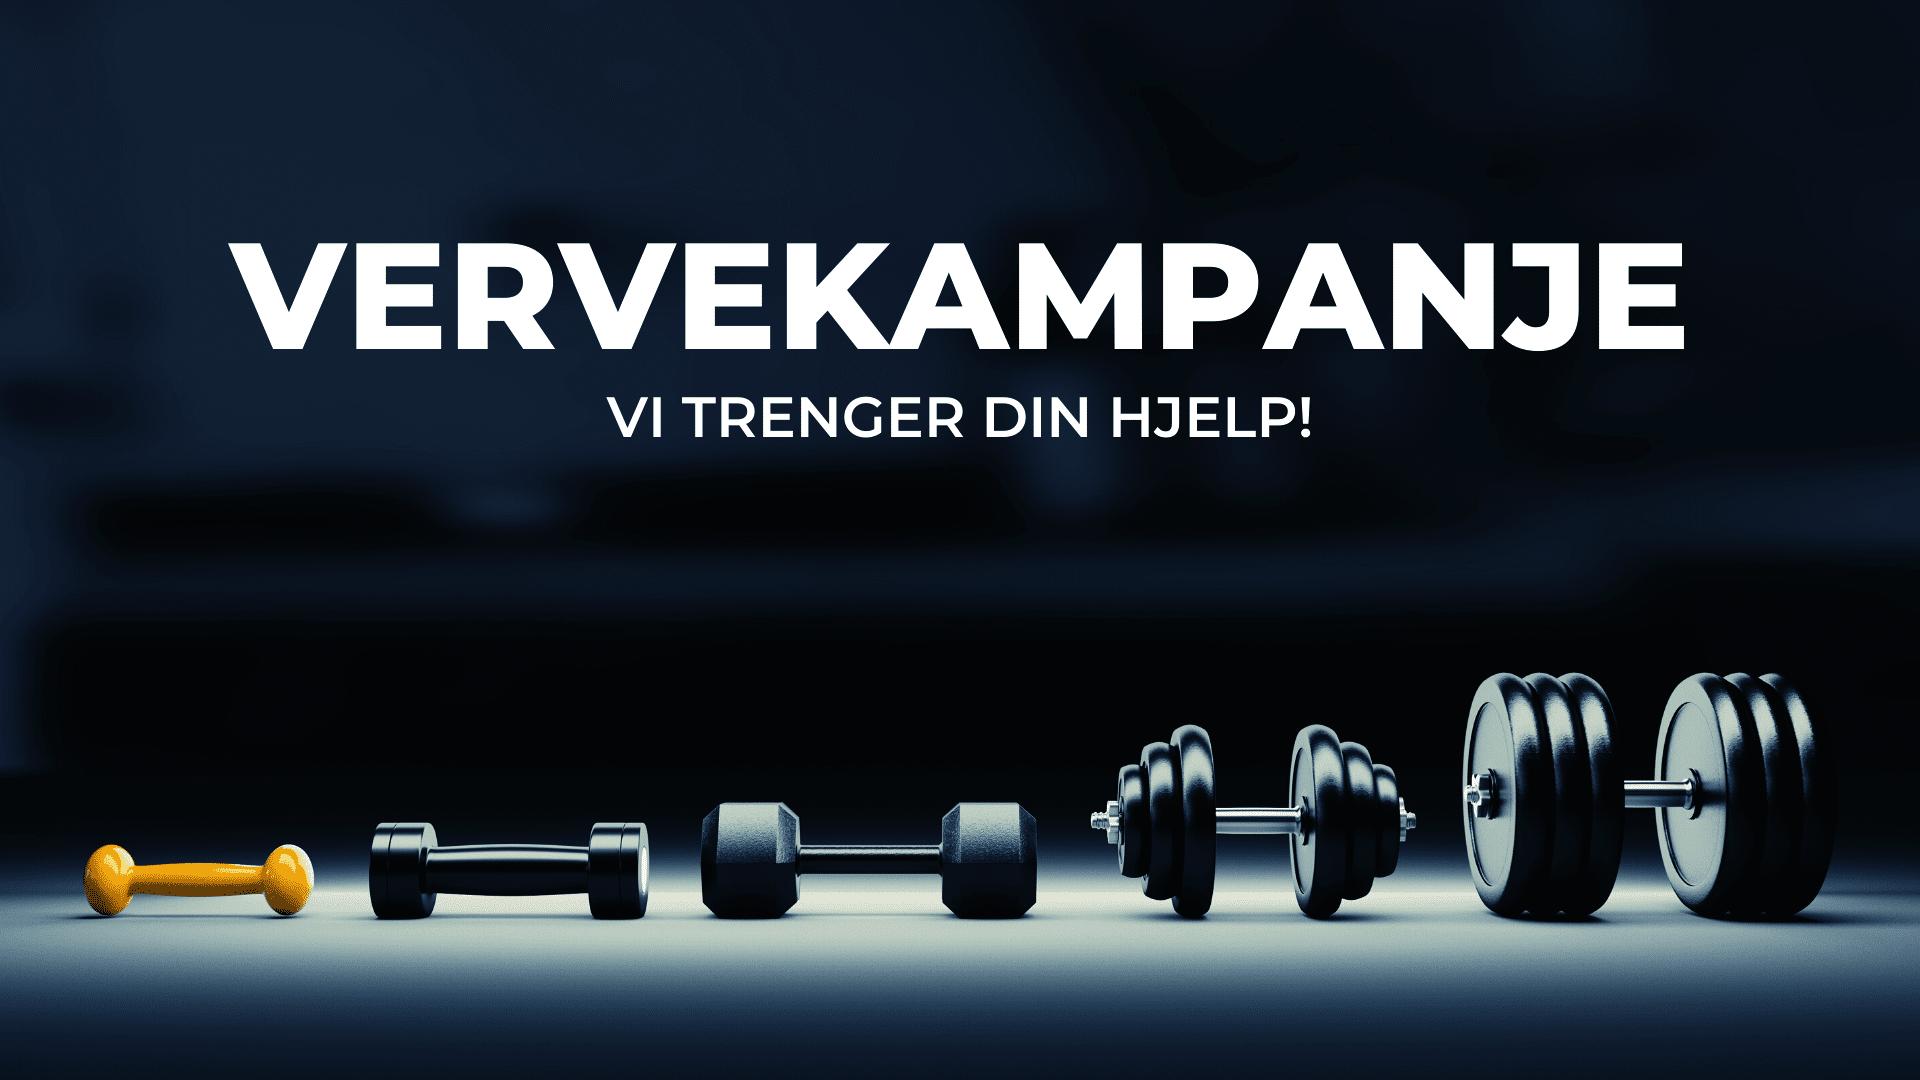 Vi trenger din hjelp! Vervekampanje for medlemmer